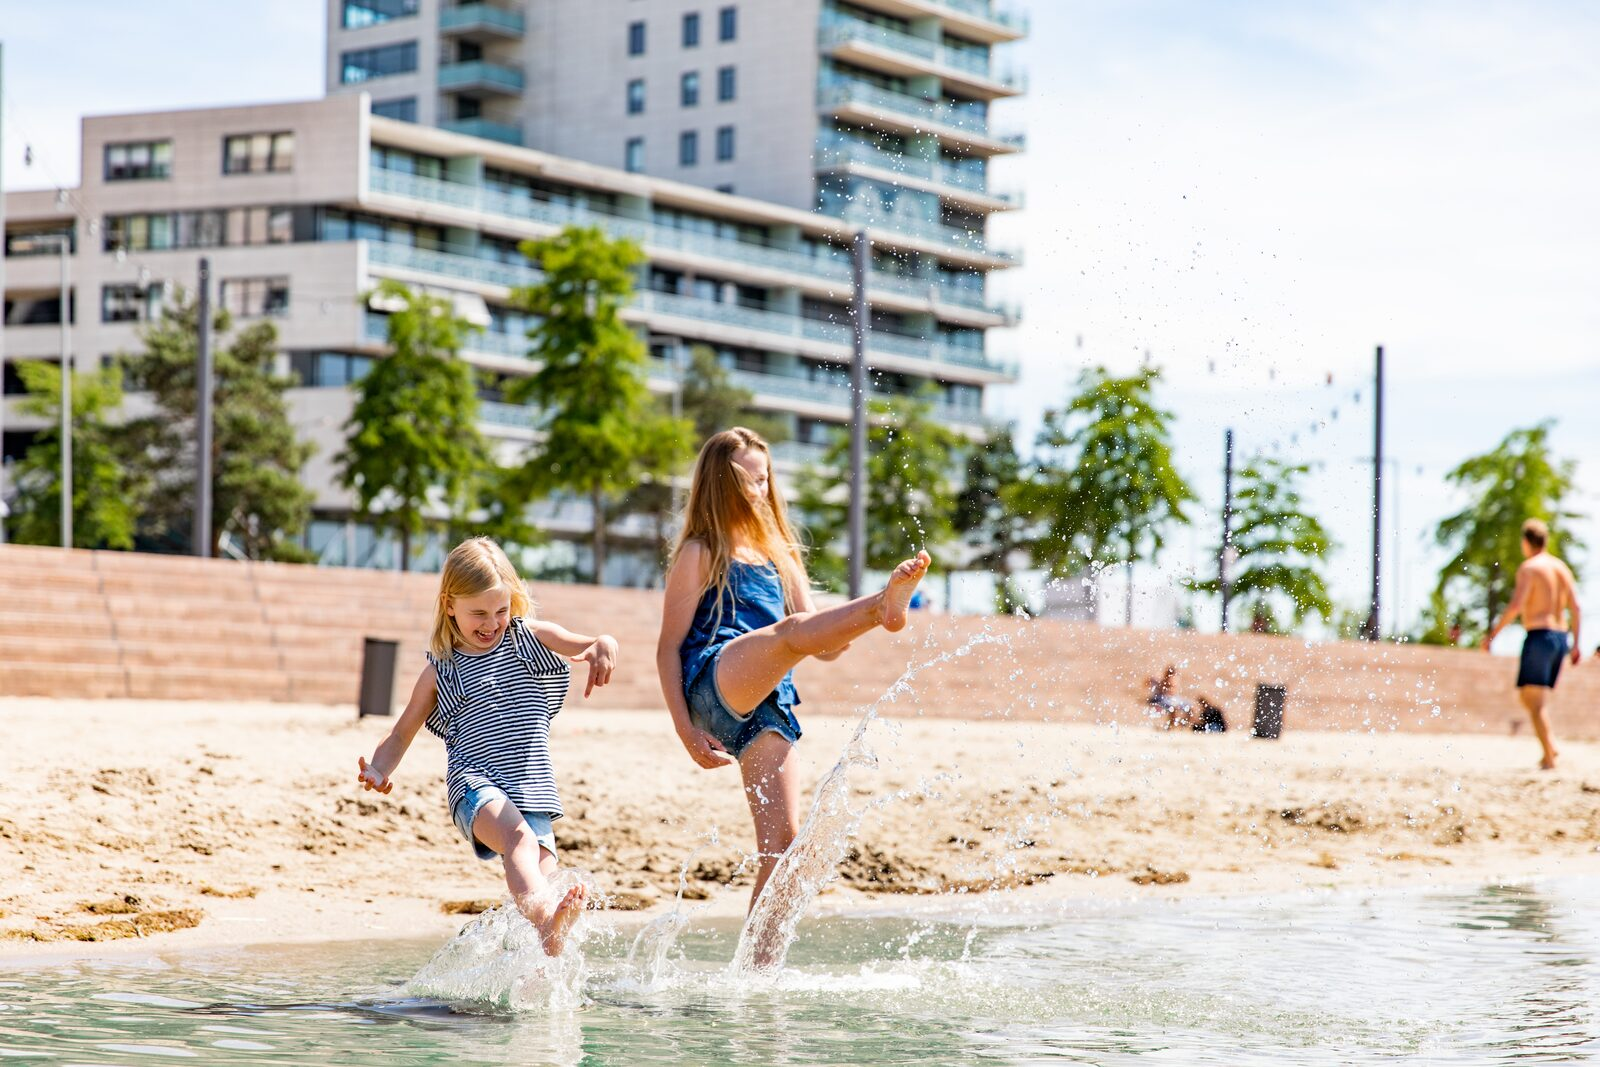 Vacances avec les enfants aux Pays-Bas